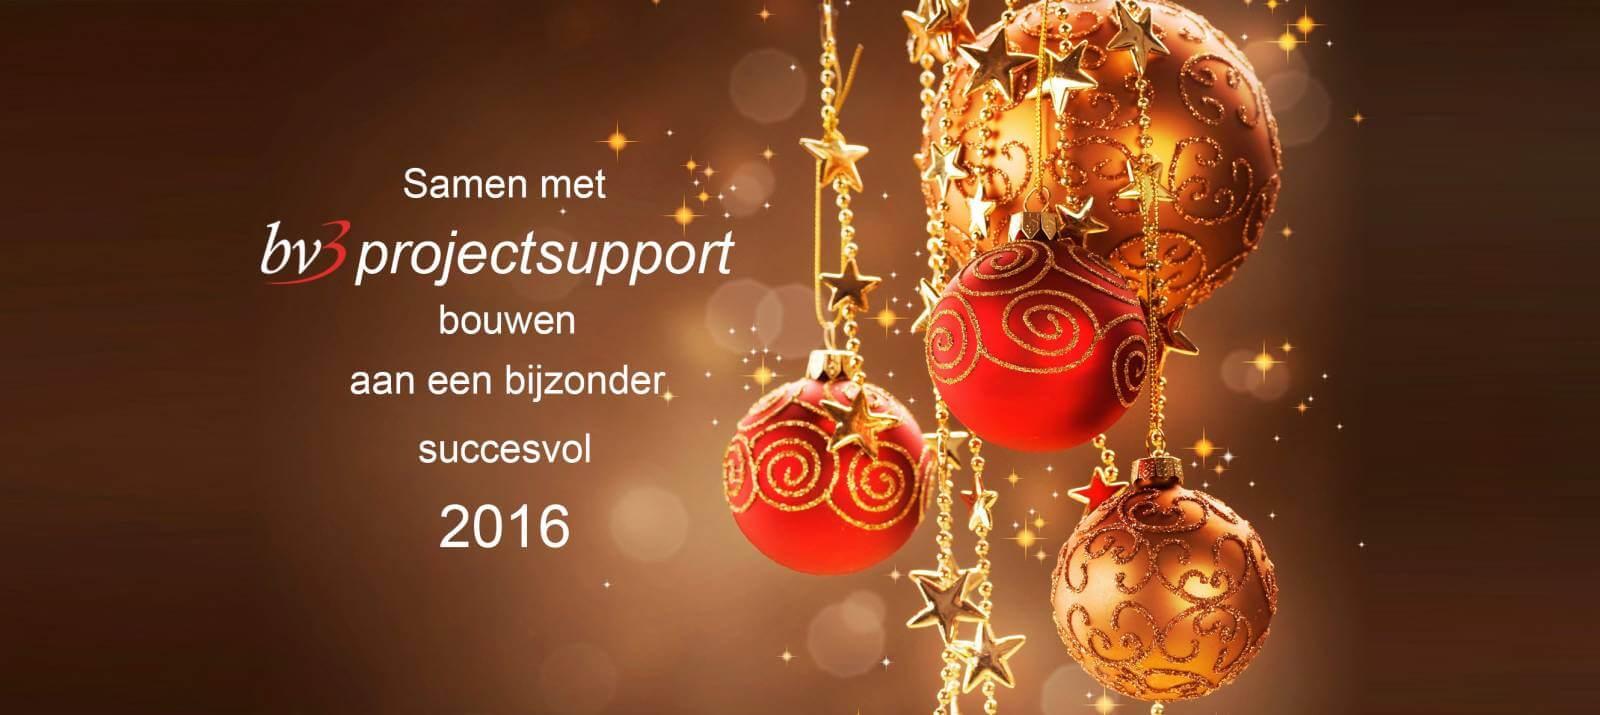 Kerstwensen 2016 Goud En Rood 16 12 2015 Bv3 Projectsupport